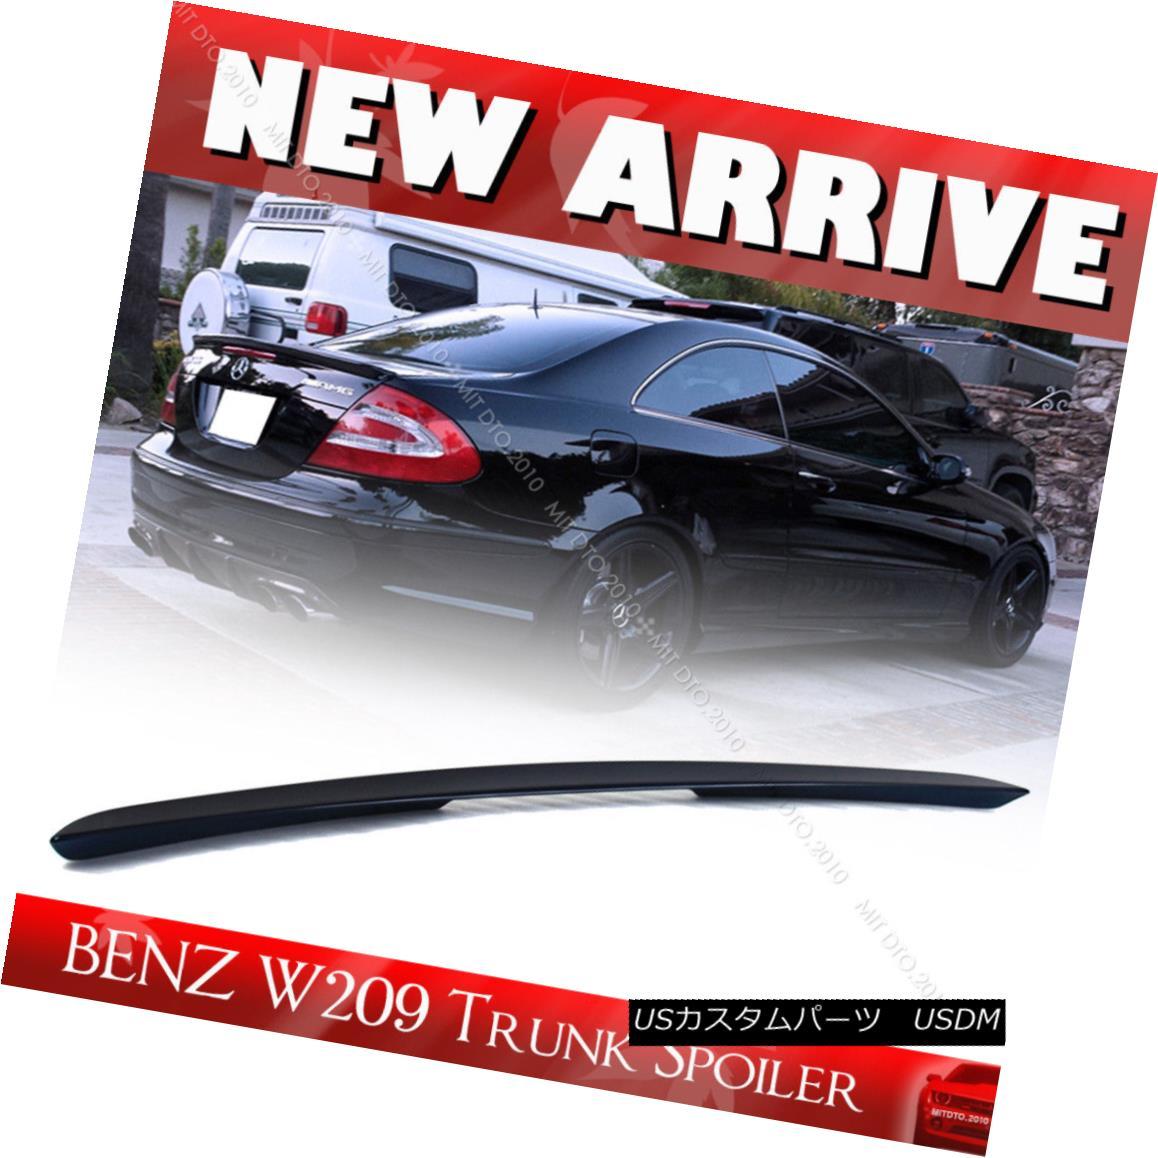 エアロパーツ Painted ABS #189 Mercedes W209 Coupe A Boot Trunk Spoiler CLK500 2008 ペイントABS#189メルセデスW209クーペブーツトランクスポイラーCLK500 2008